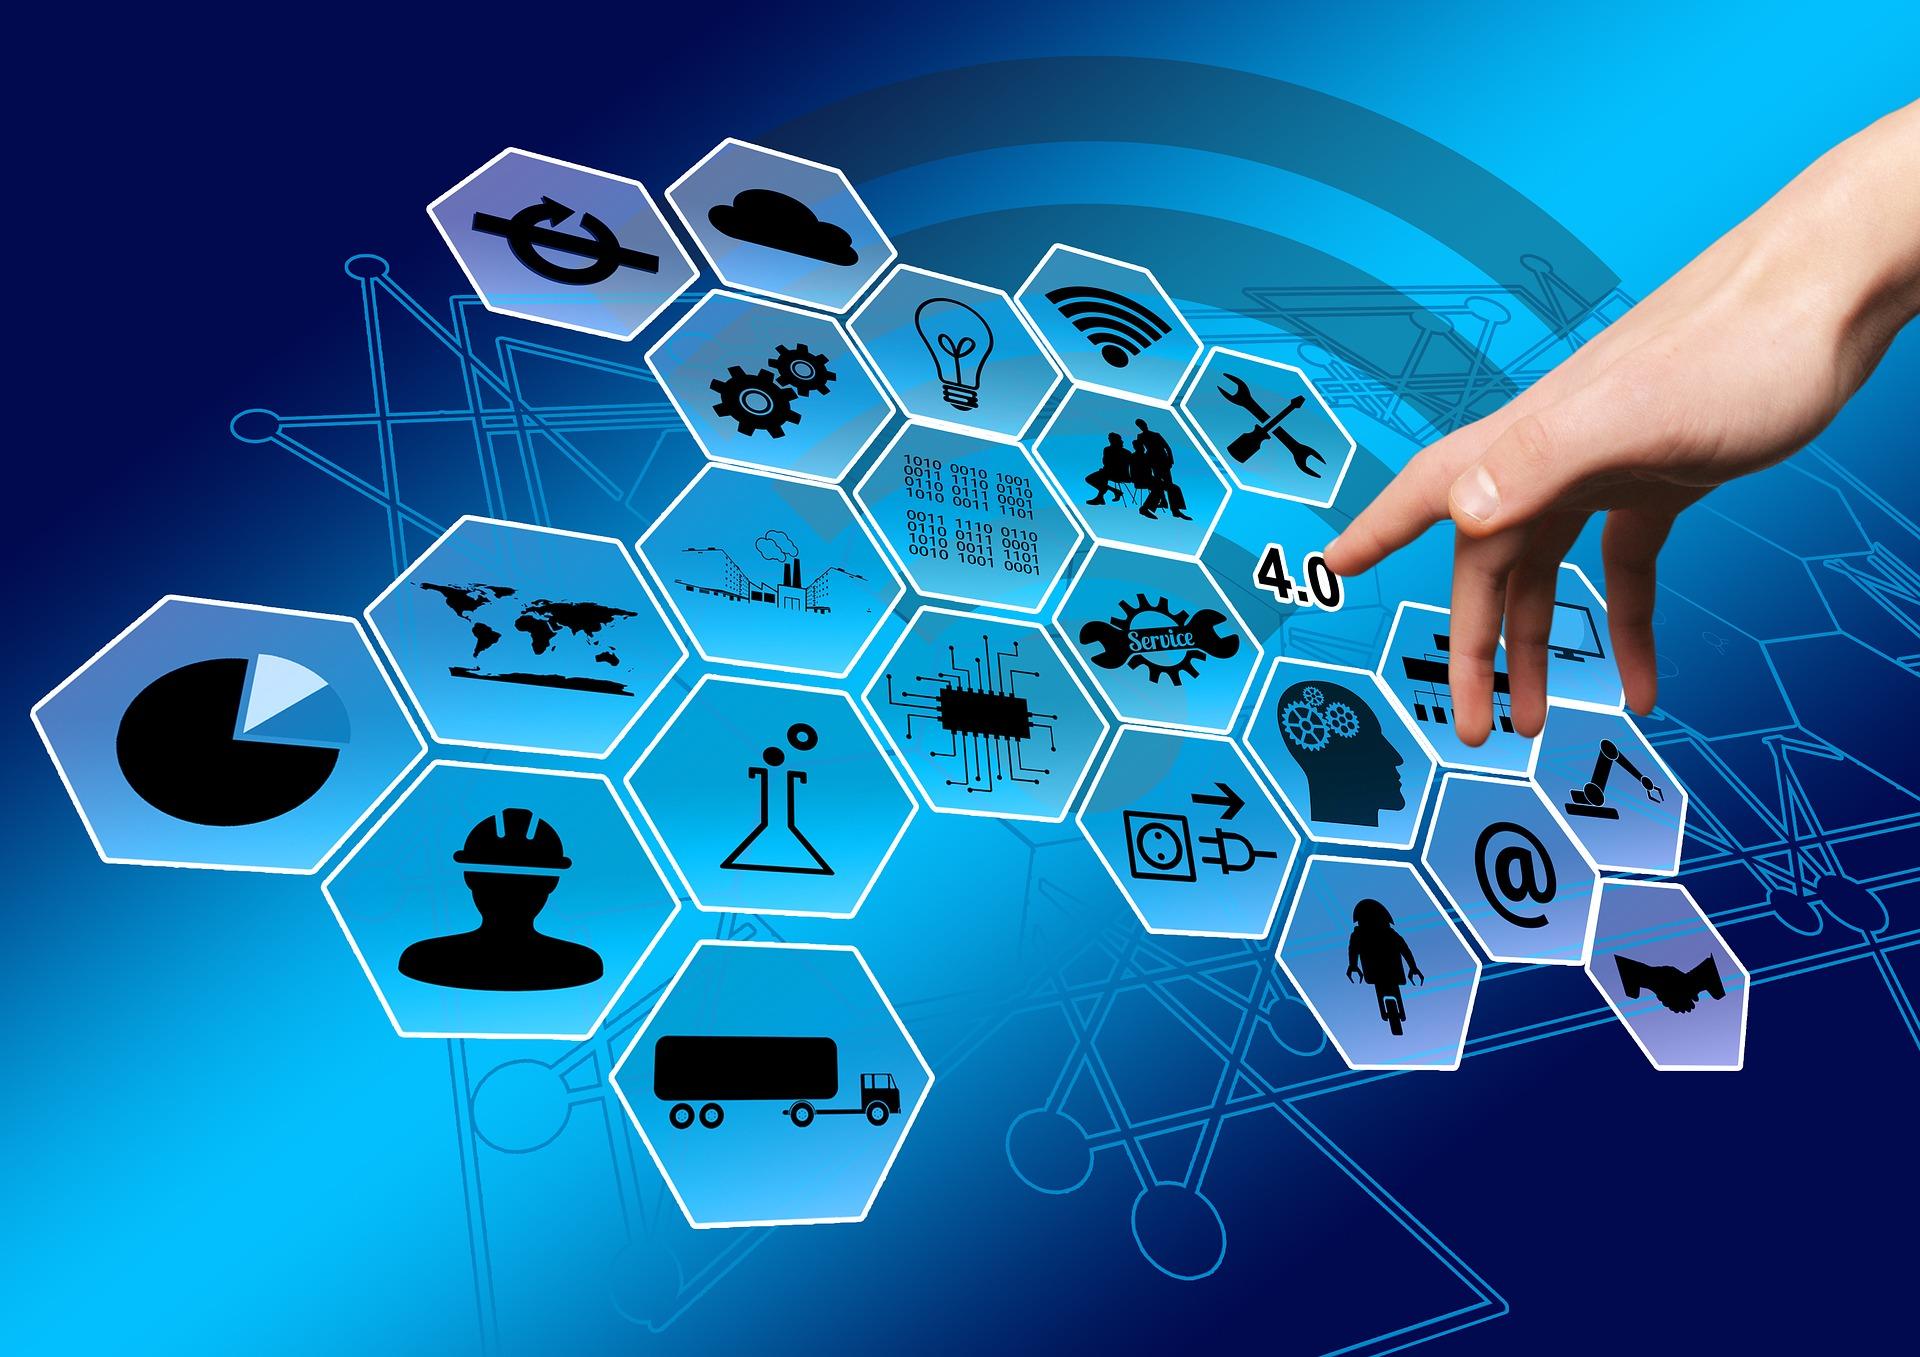 Obrázek: Buzzwordy navenek vládnou ICT, naštěstí však vyhrávají opravdové inovace